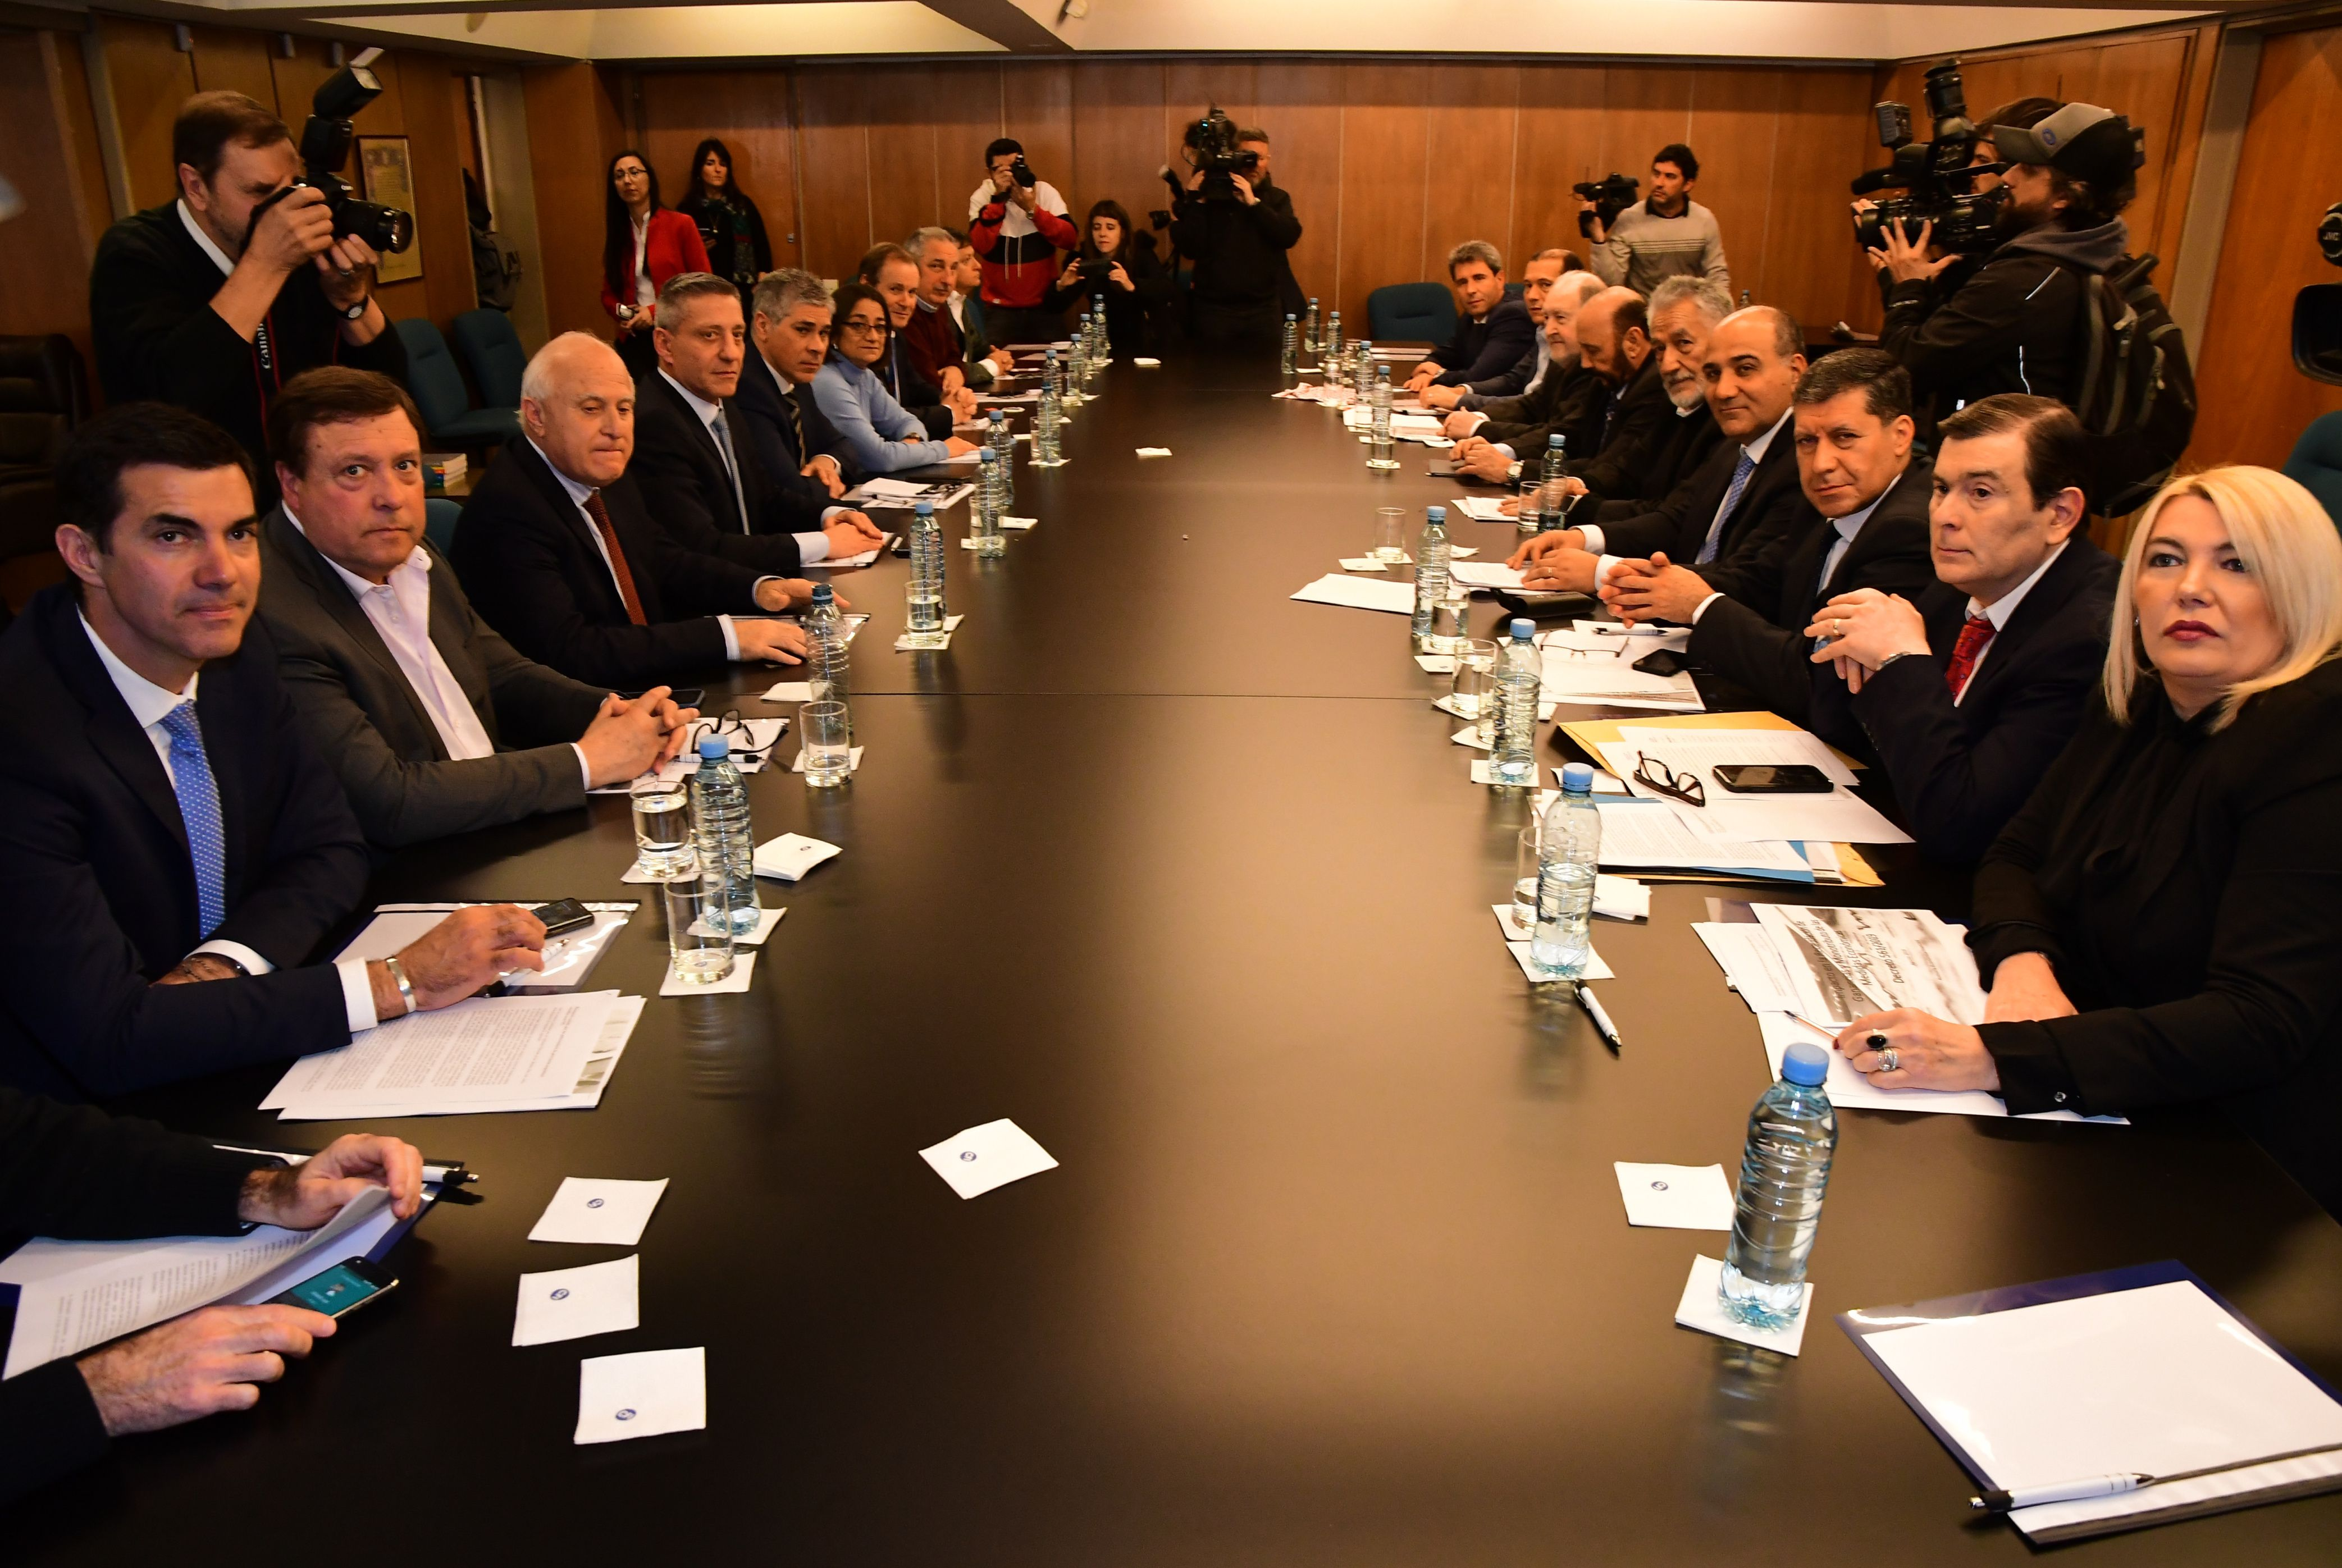 Las provincias apelaron a la Corte por el decreto de Macri para bajar impuestos